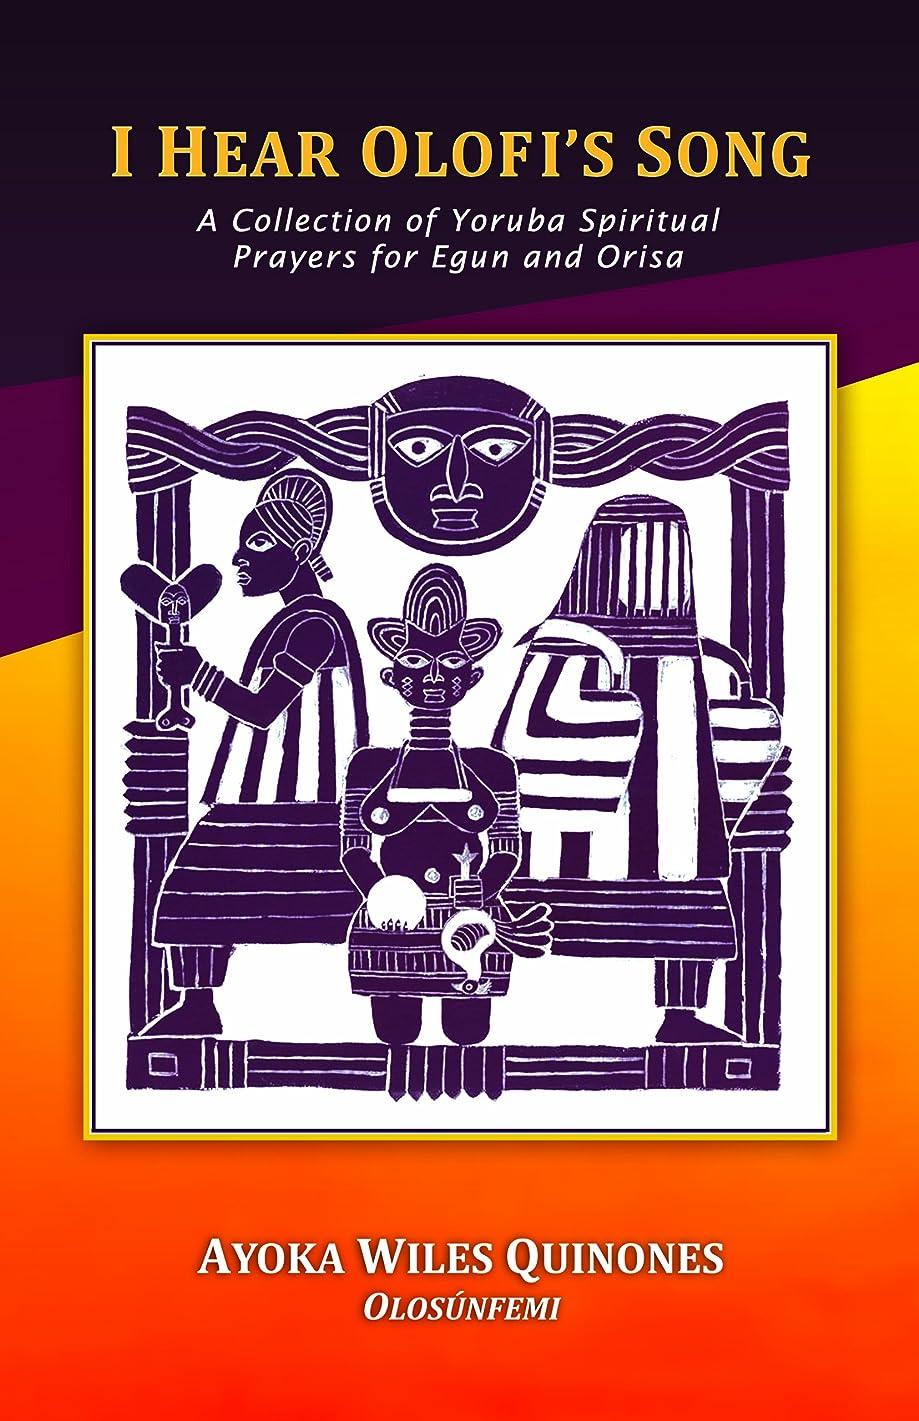 I Hear Olofi's Song: A Collection of Yoruba Spiritual Prayers for Egun and Orisa